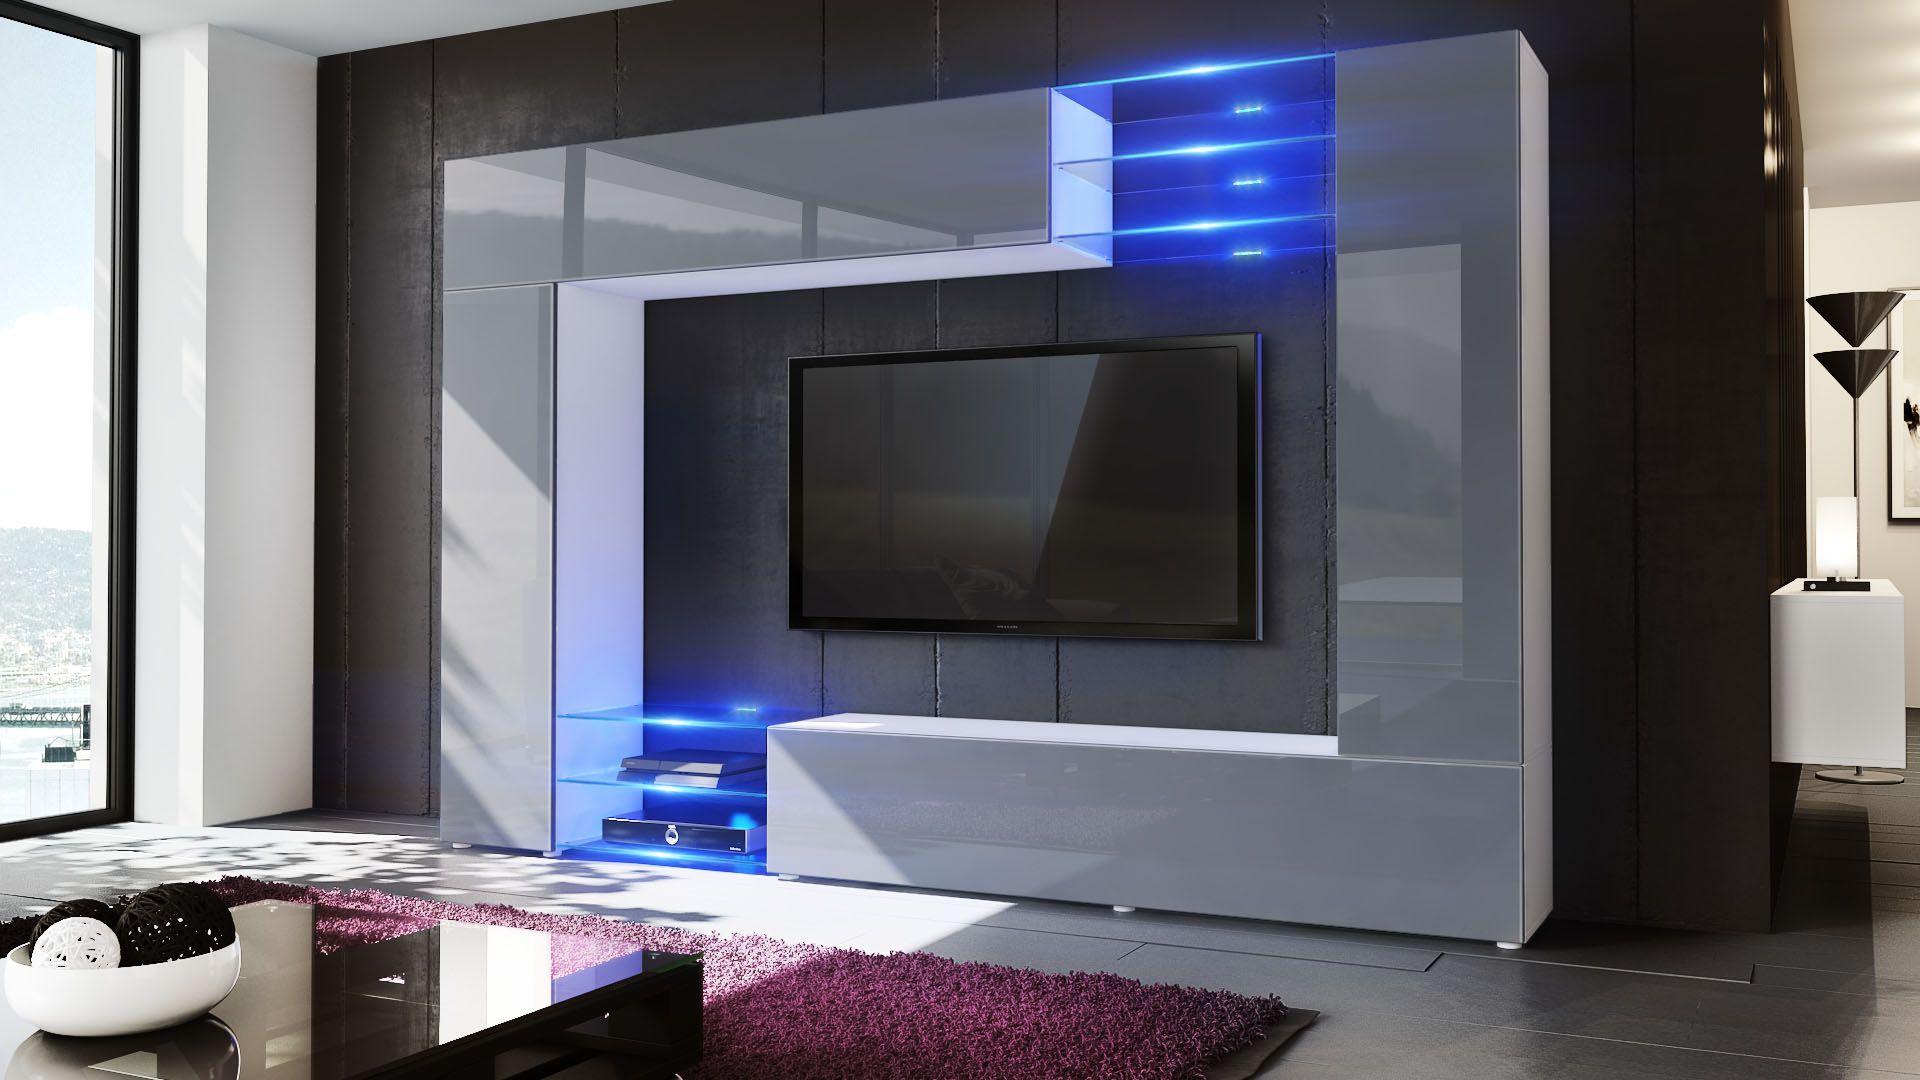 Wohnwand design stein  Mirage Wohnwand. Einzigartiges Design mit Hochglanzfronten und ...